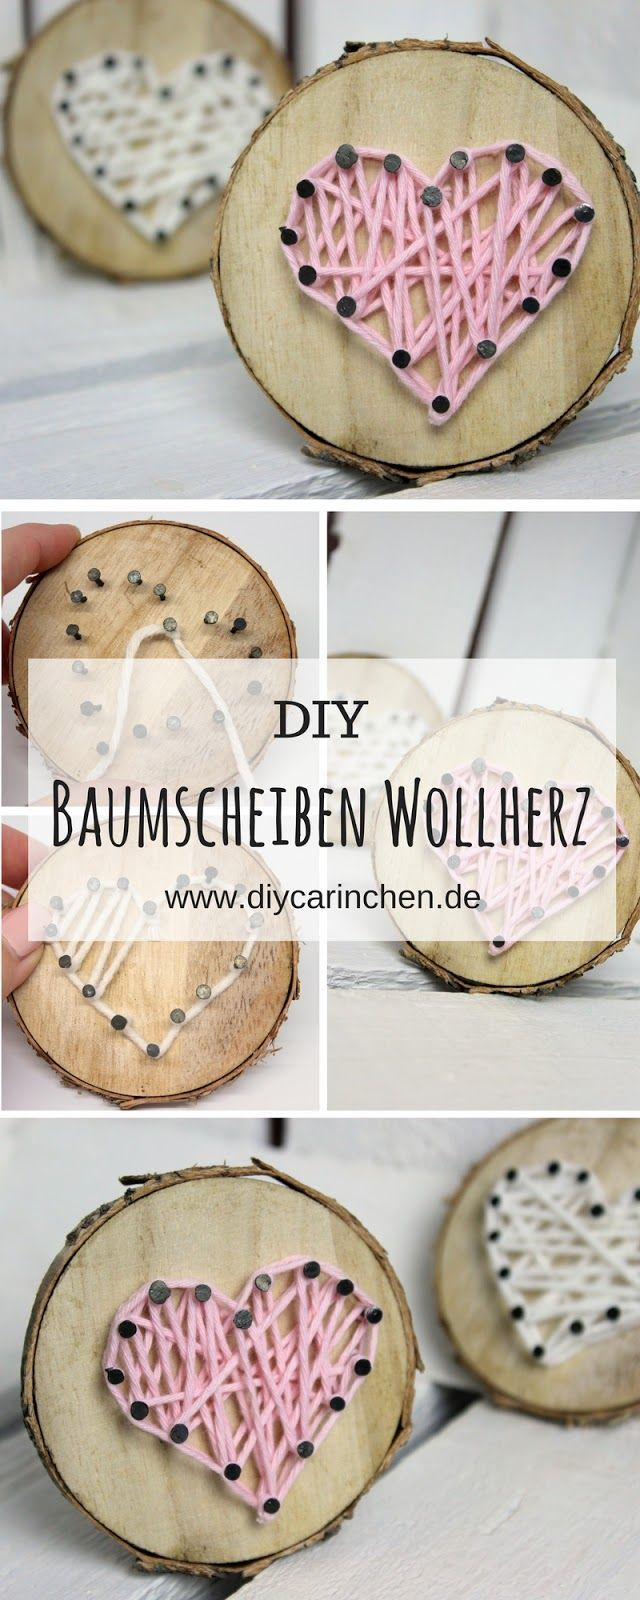 DIY süßes Geschenk zum Valentinstag, Muttertag oder als Deko: Baumscheibe mit Herz in String Artwork ♡